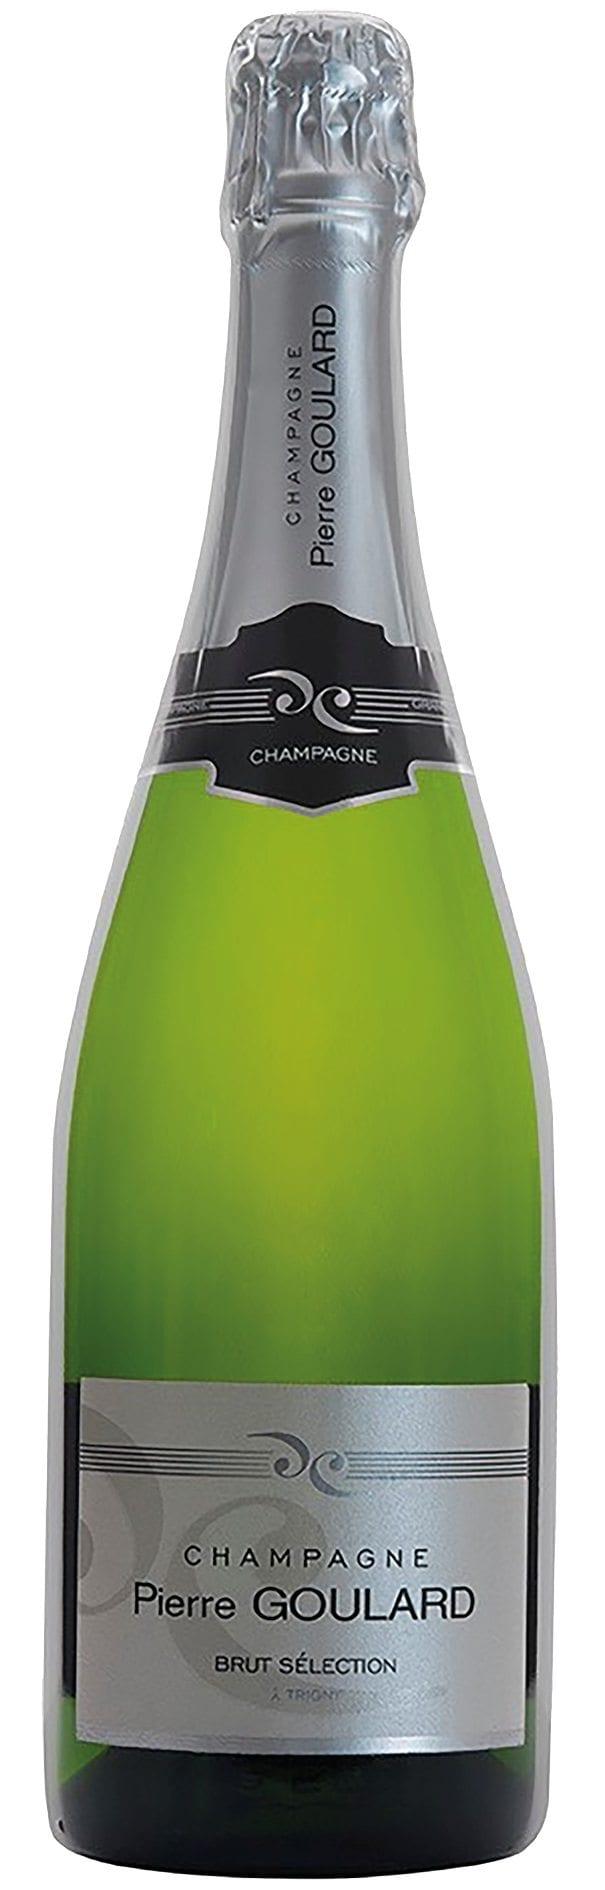 Pierre Goulard Champagne Le Brut Sélection